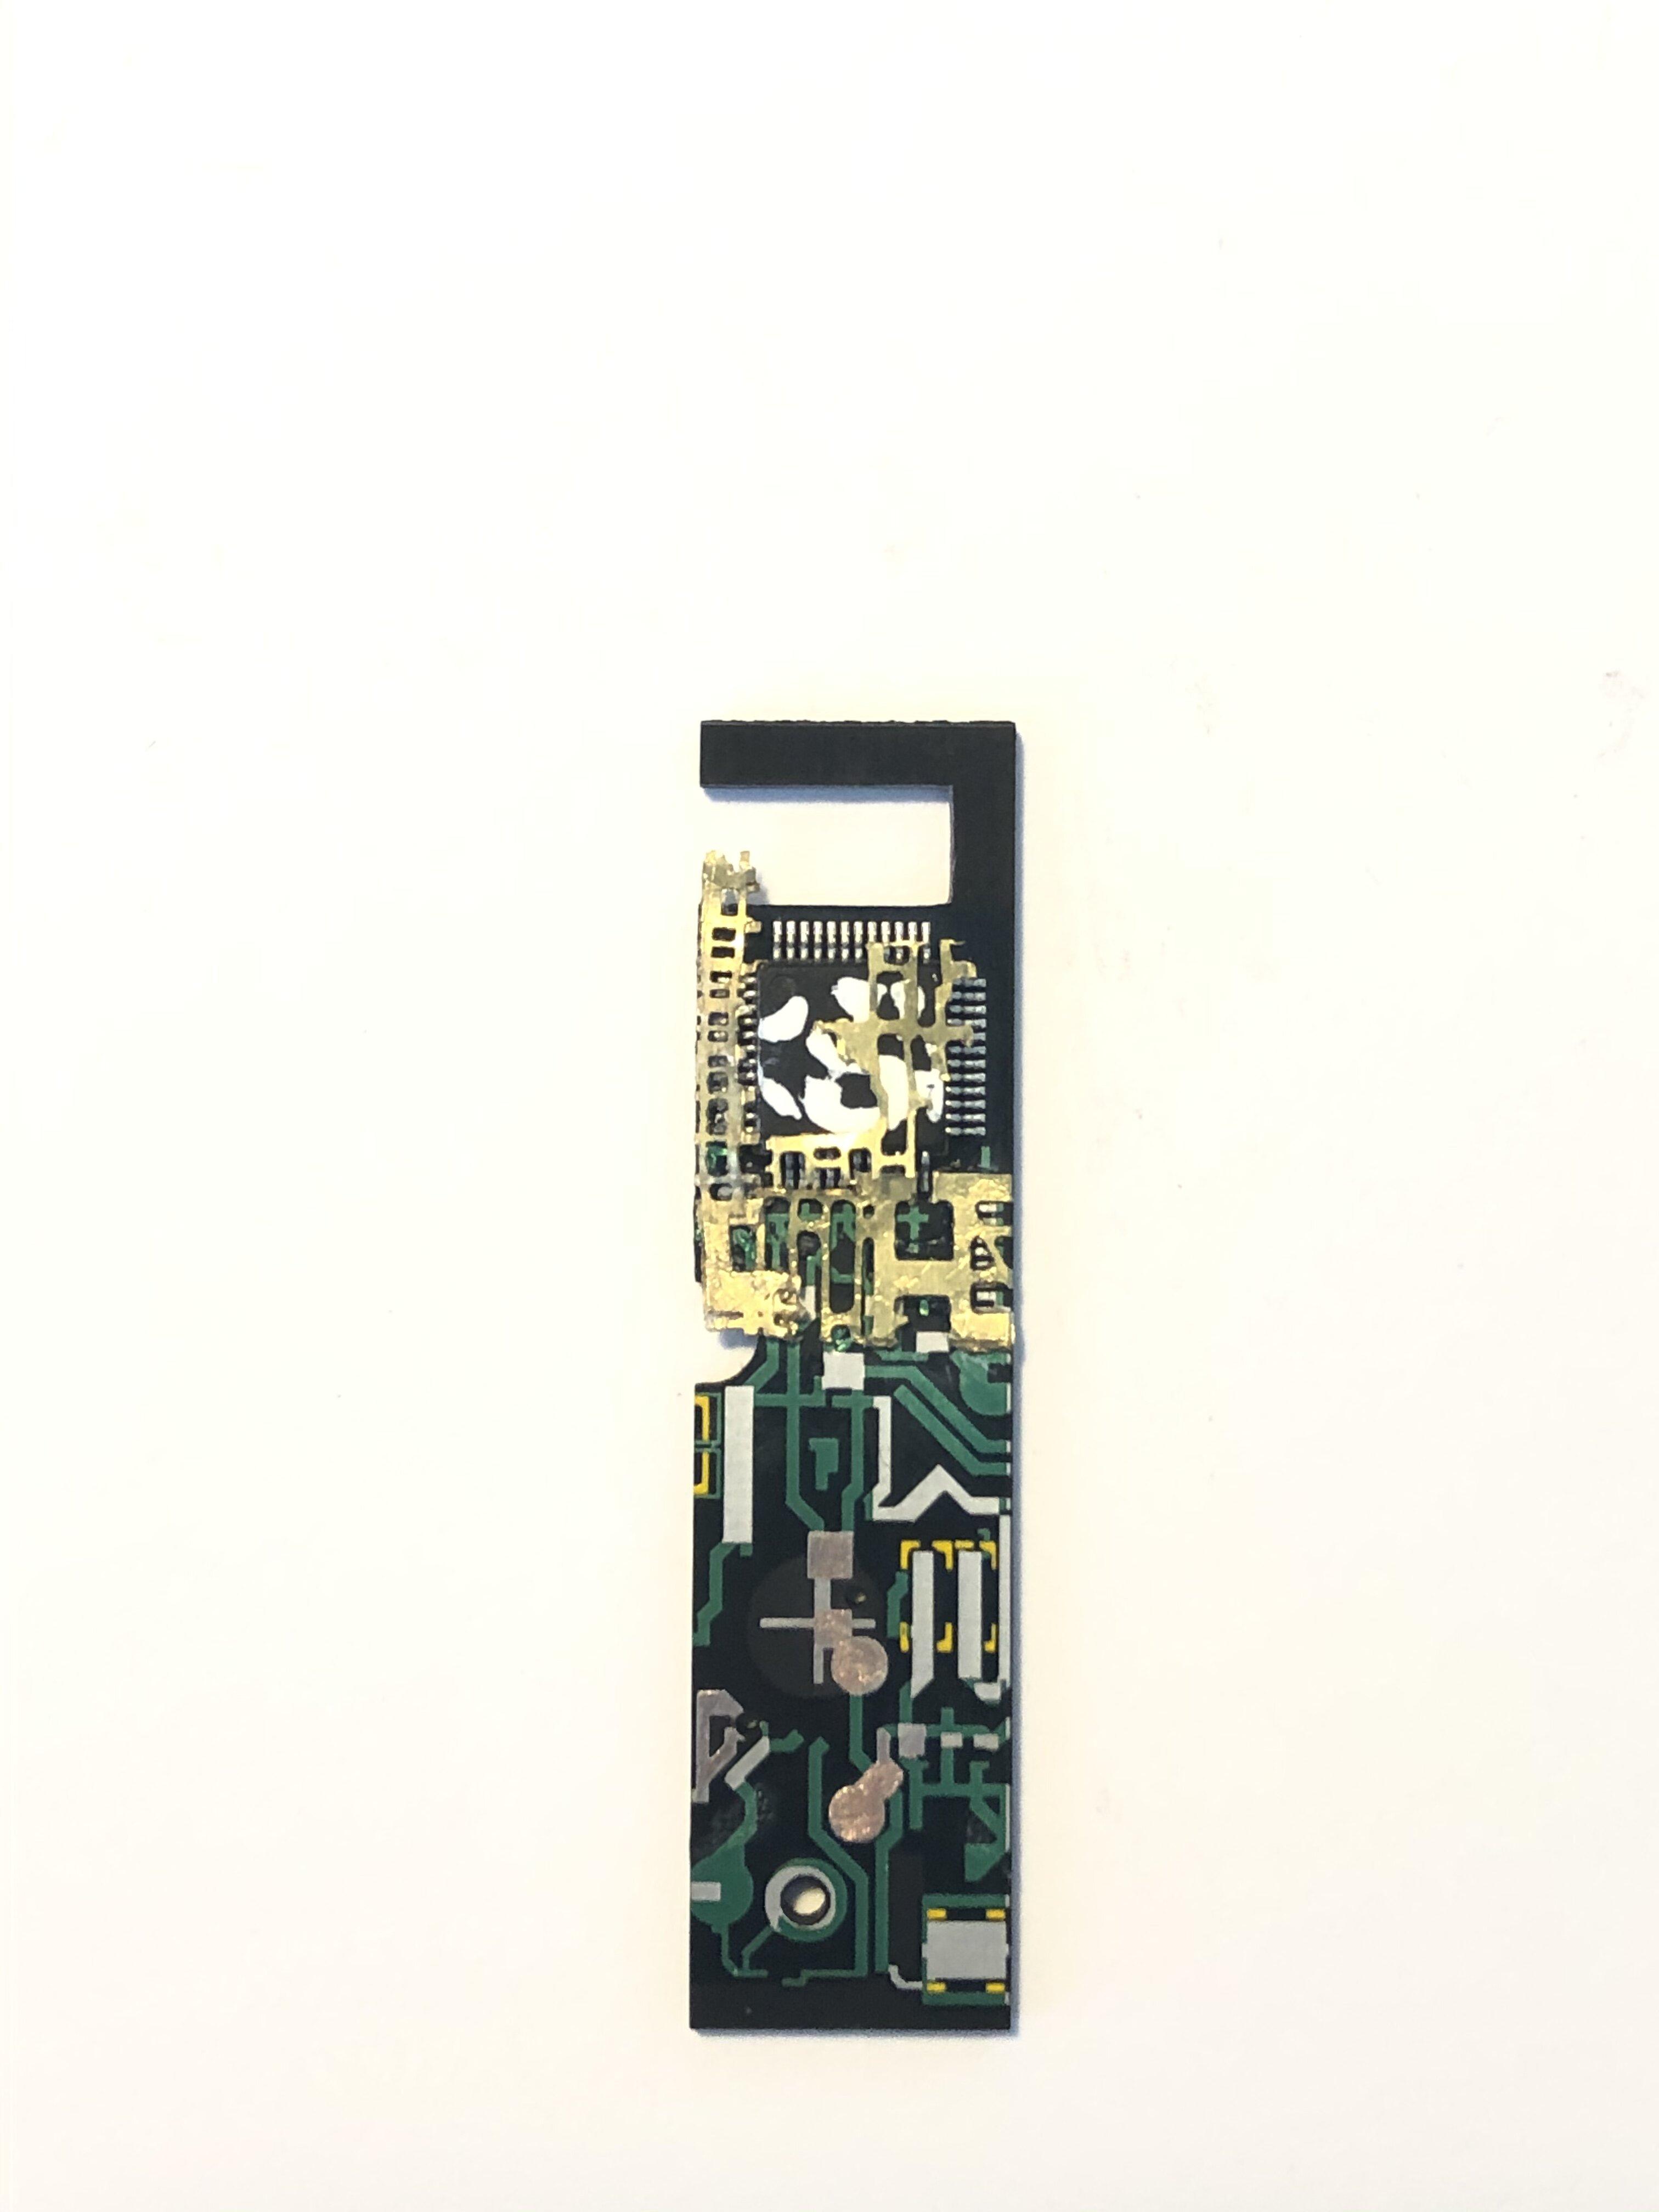 0593343C-55CD-49C8-A7DF-D13210C3D5B6.jpeg